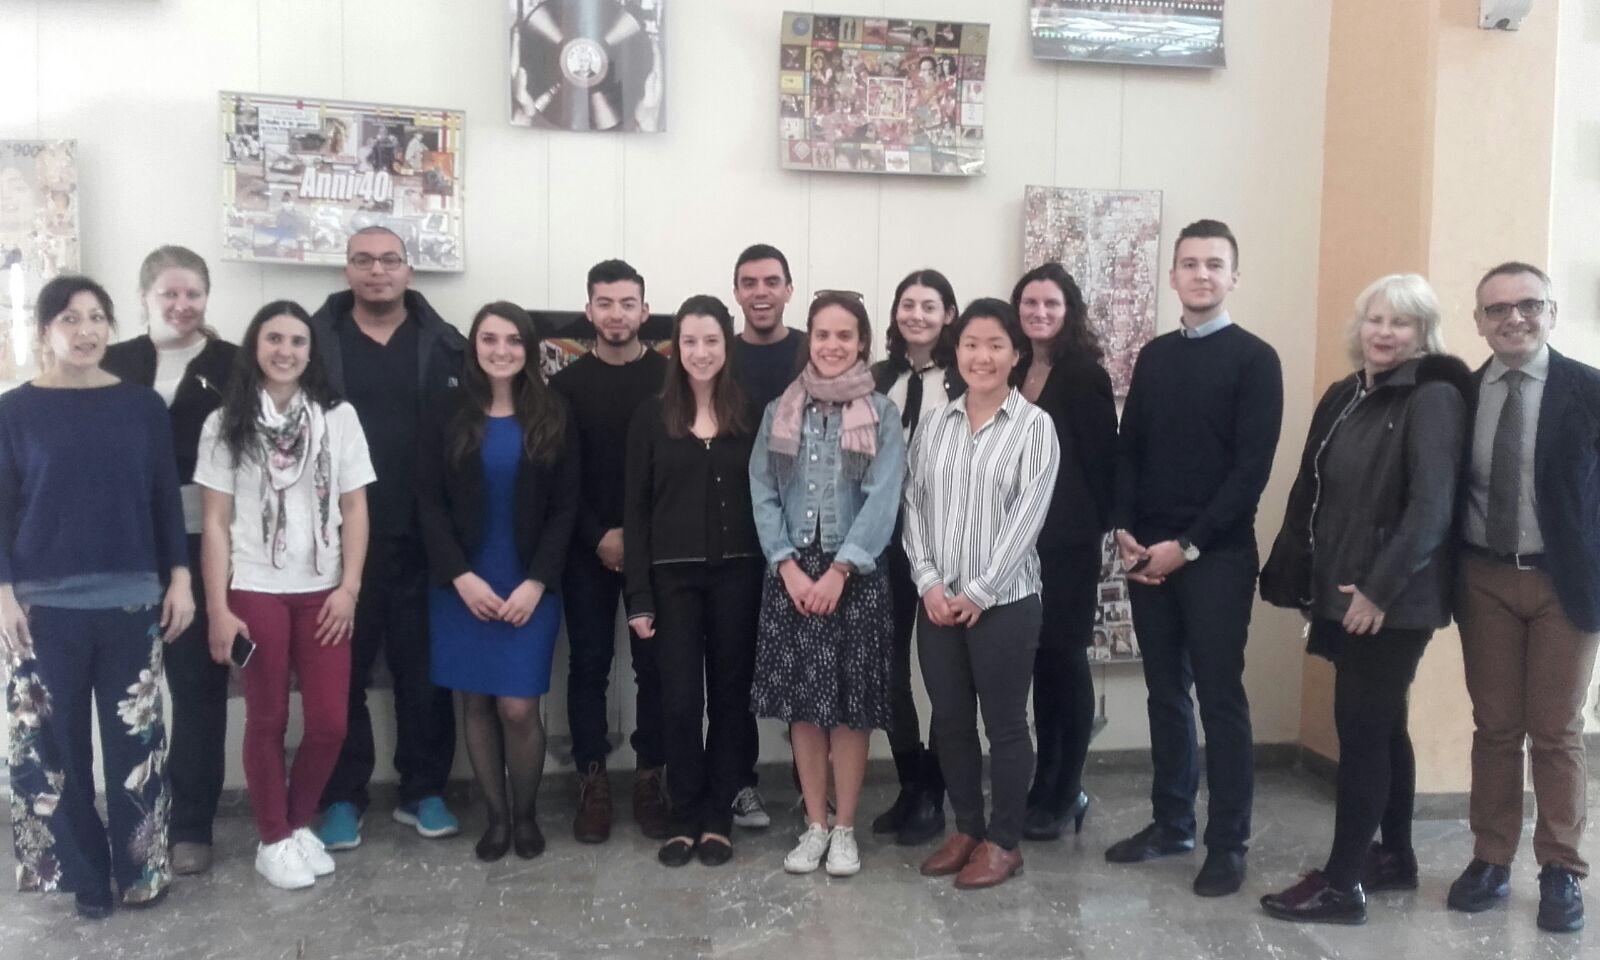 Messina 10 studenti da new york per studiare l 39 immigrazione for Alloggi per studenti new york